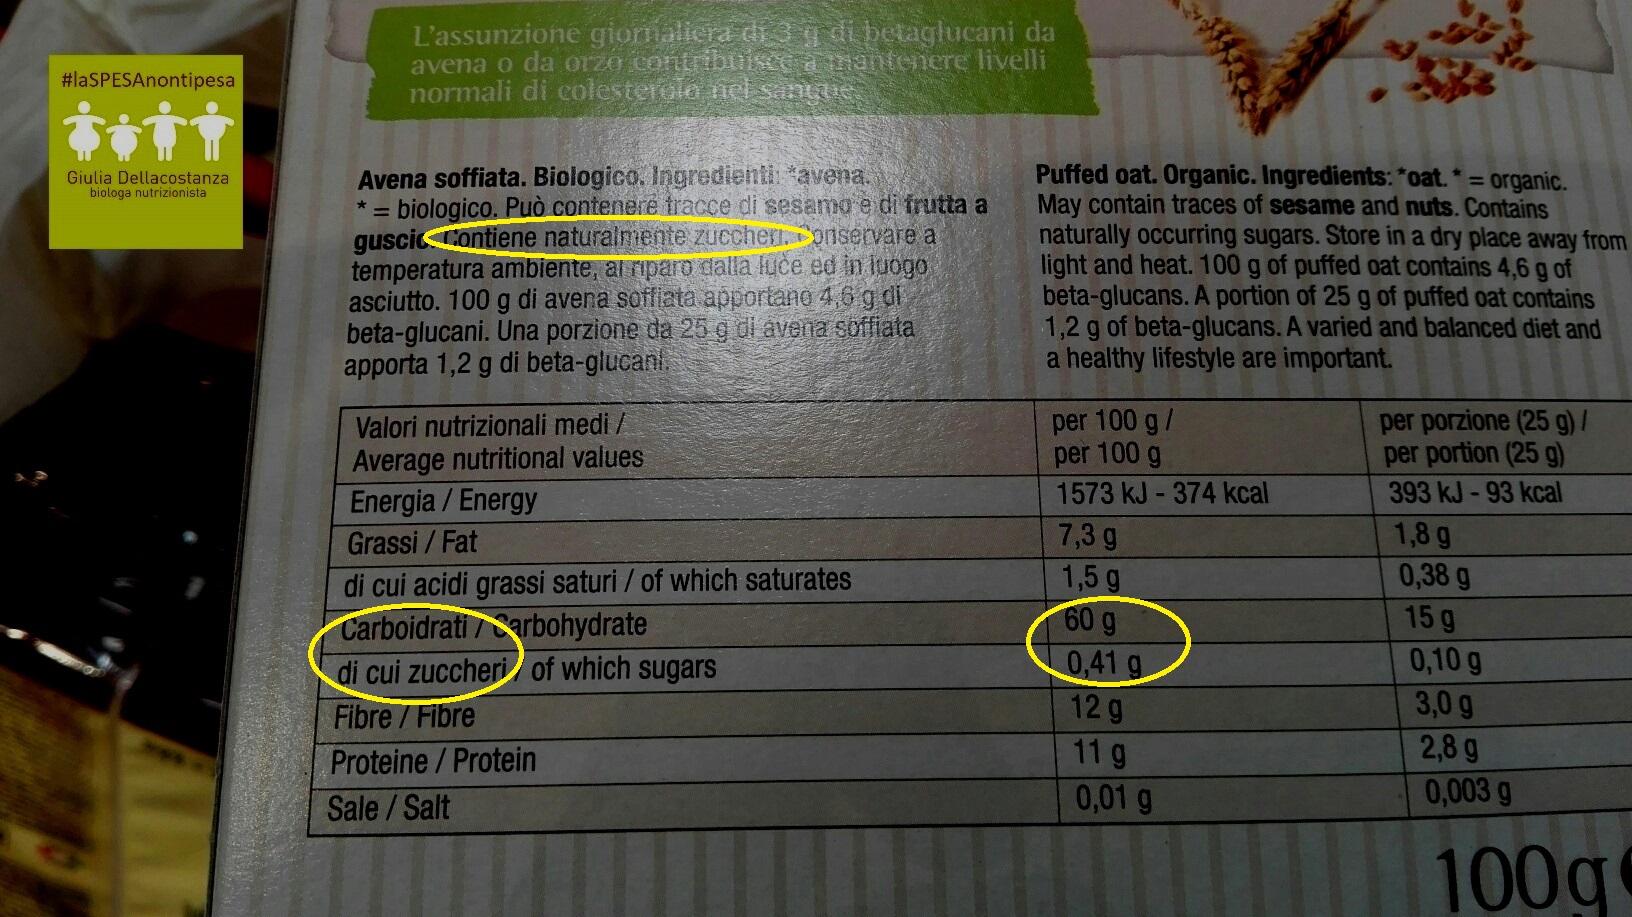 Etichetta avena soffiata - zuccheri.